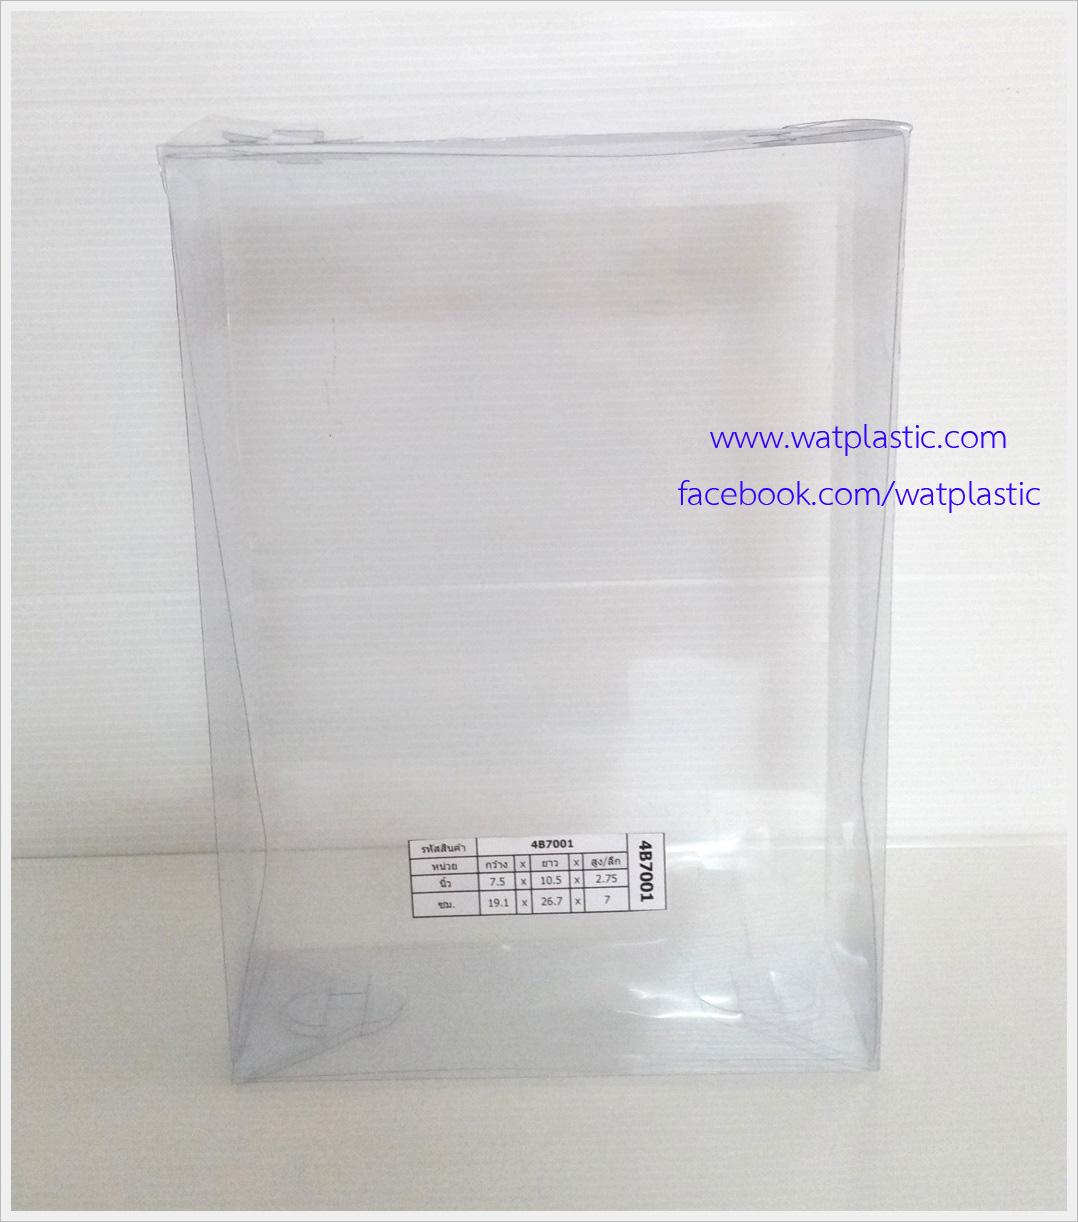 กล่องผ้าขนหนู ขนาด 19.1 x 26.7 x 7 cm